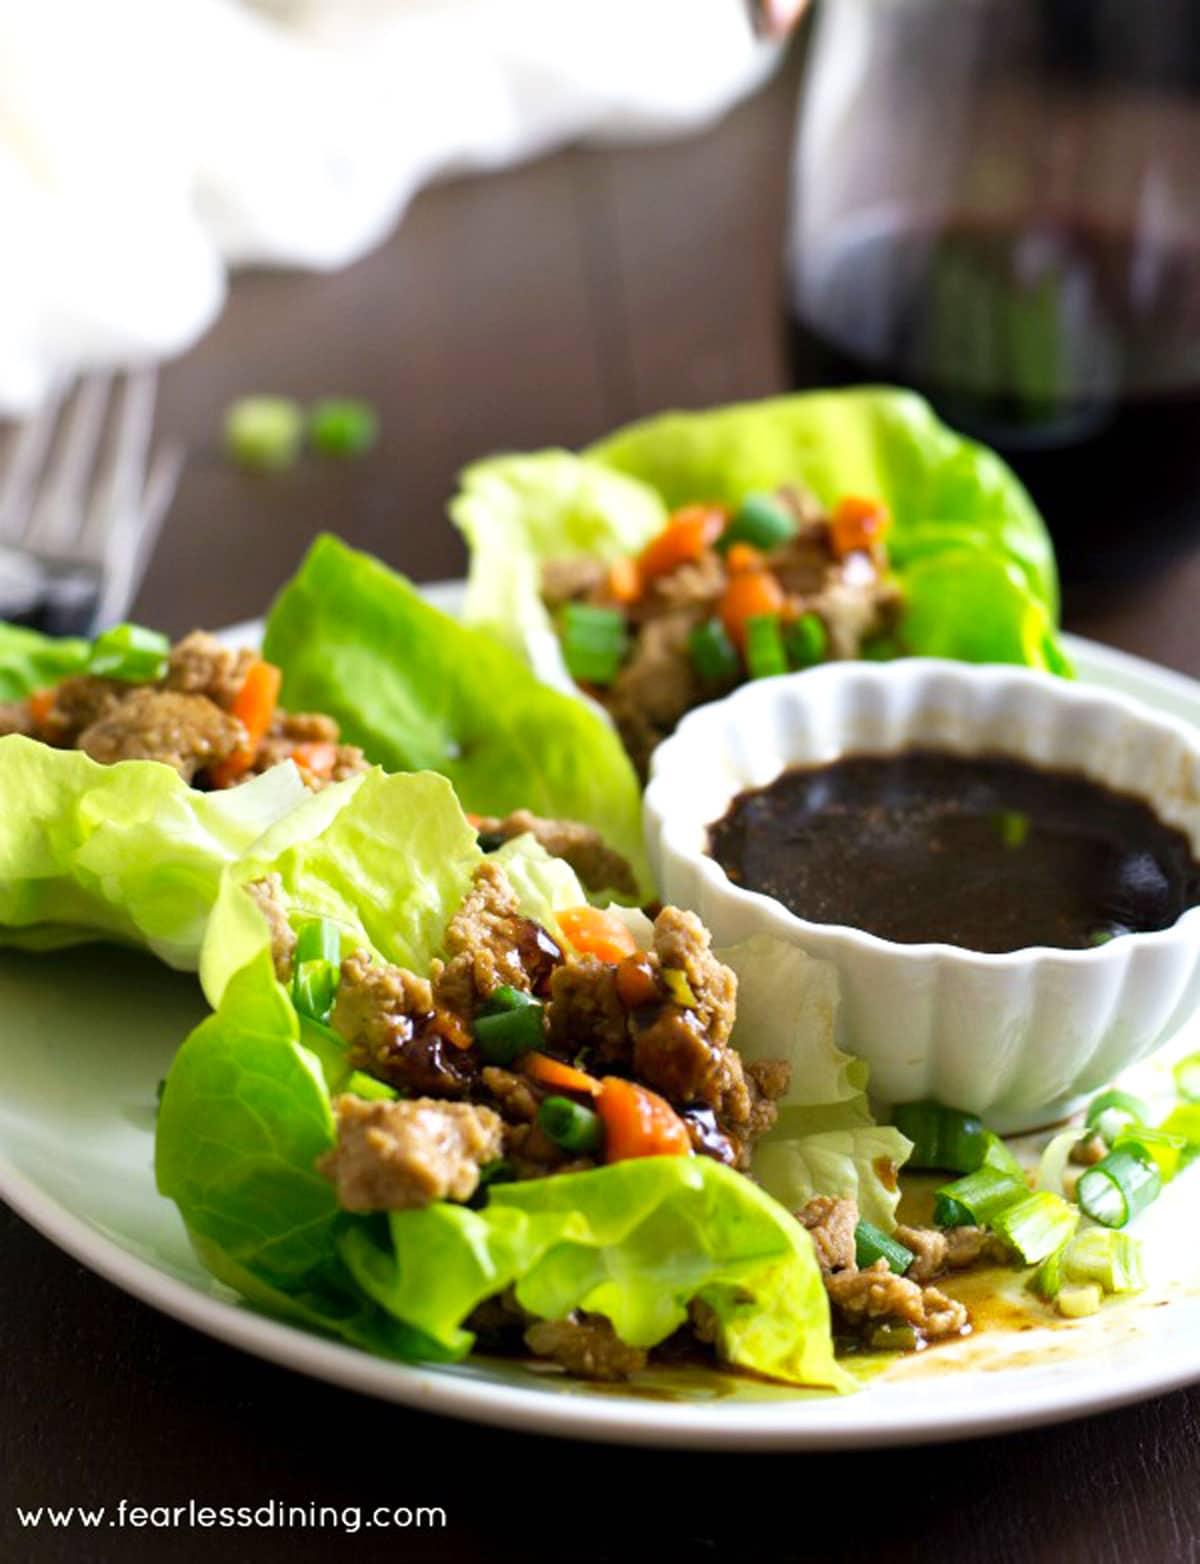 gluten free lettuce wraps on a plate